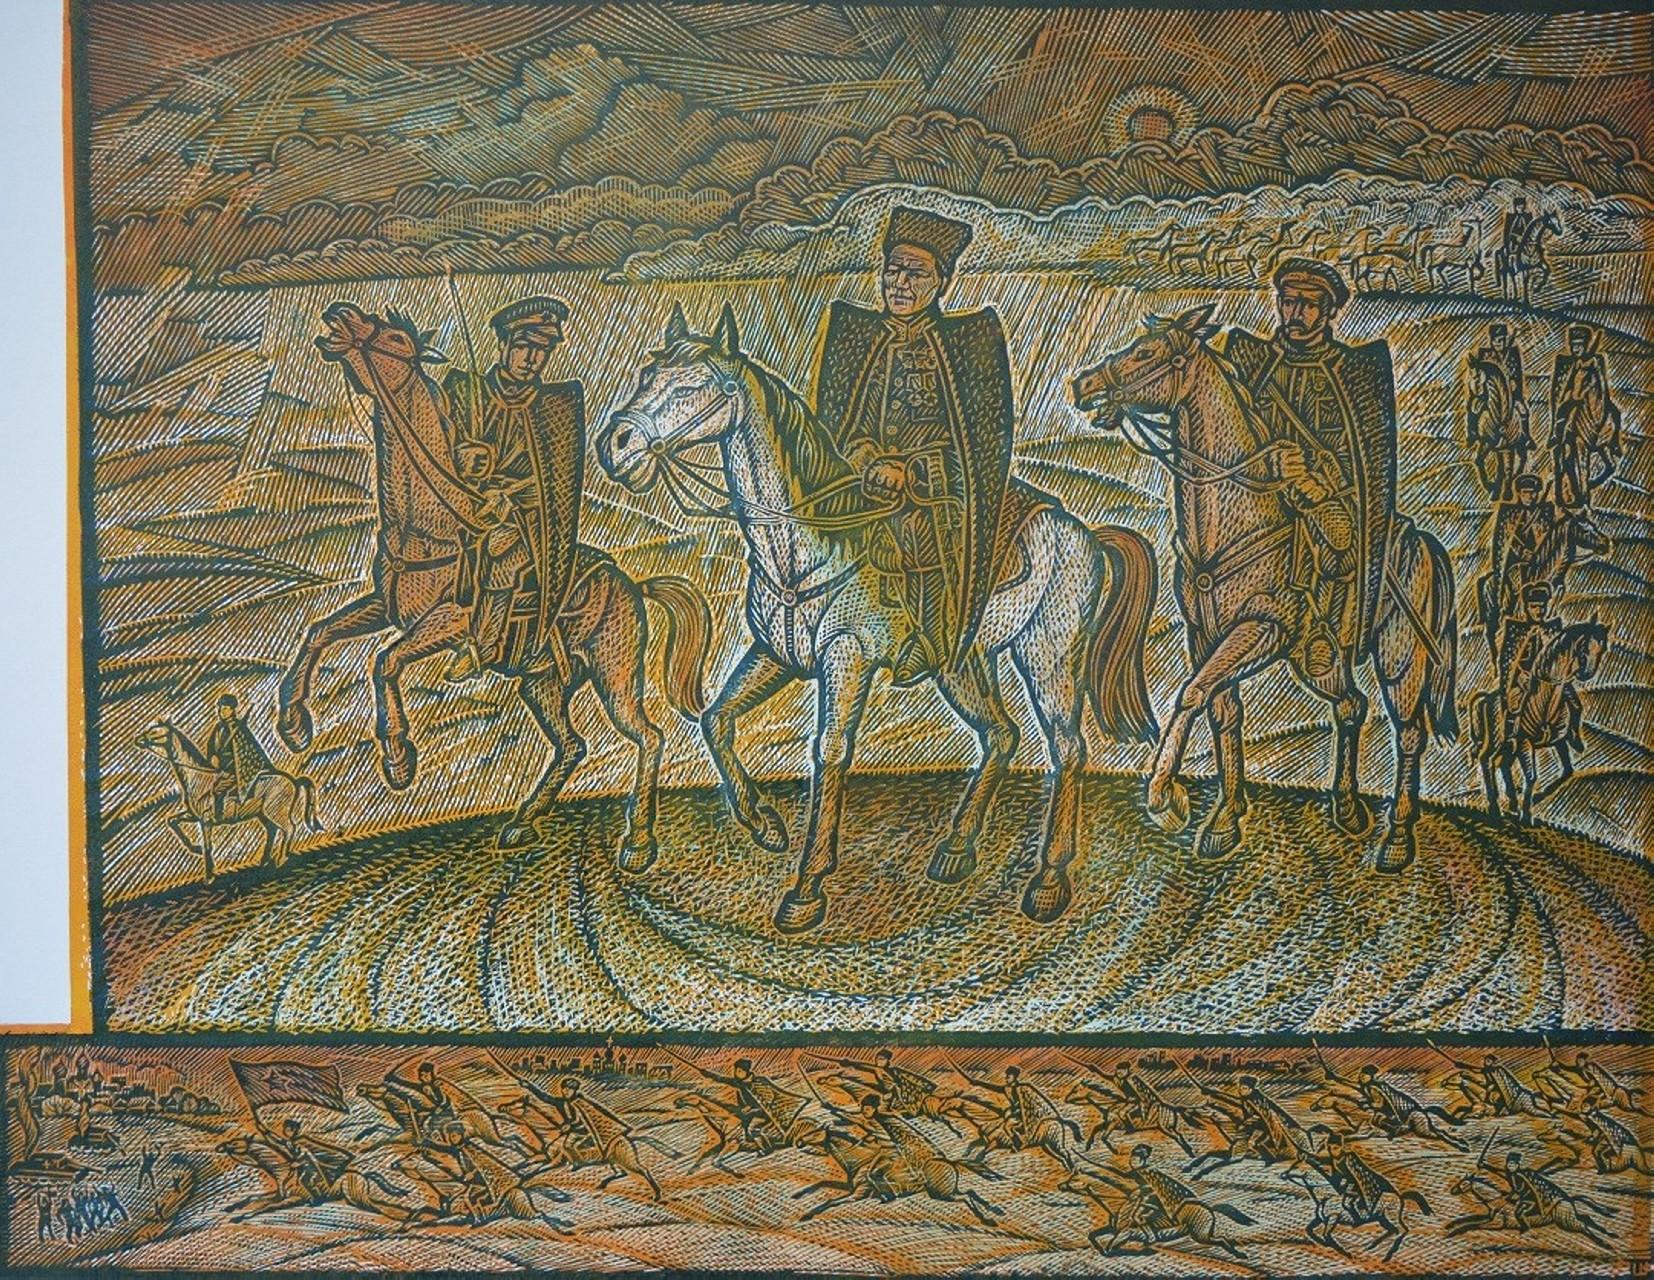 «112-я башкирская конная дивизия генерала Шаймуратова», Фаниль Шаймухаметов